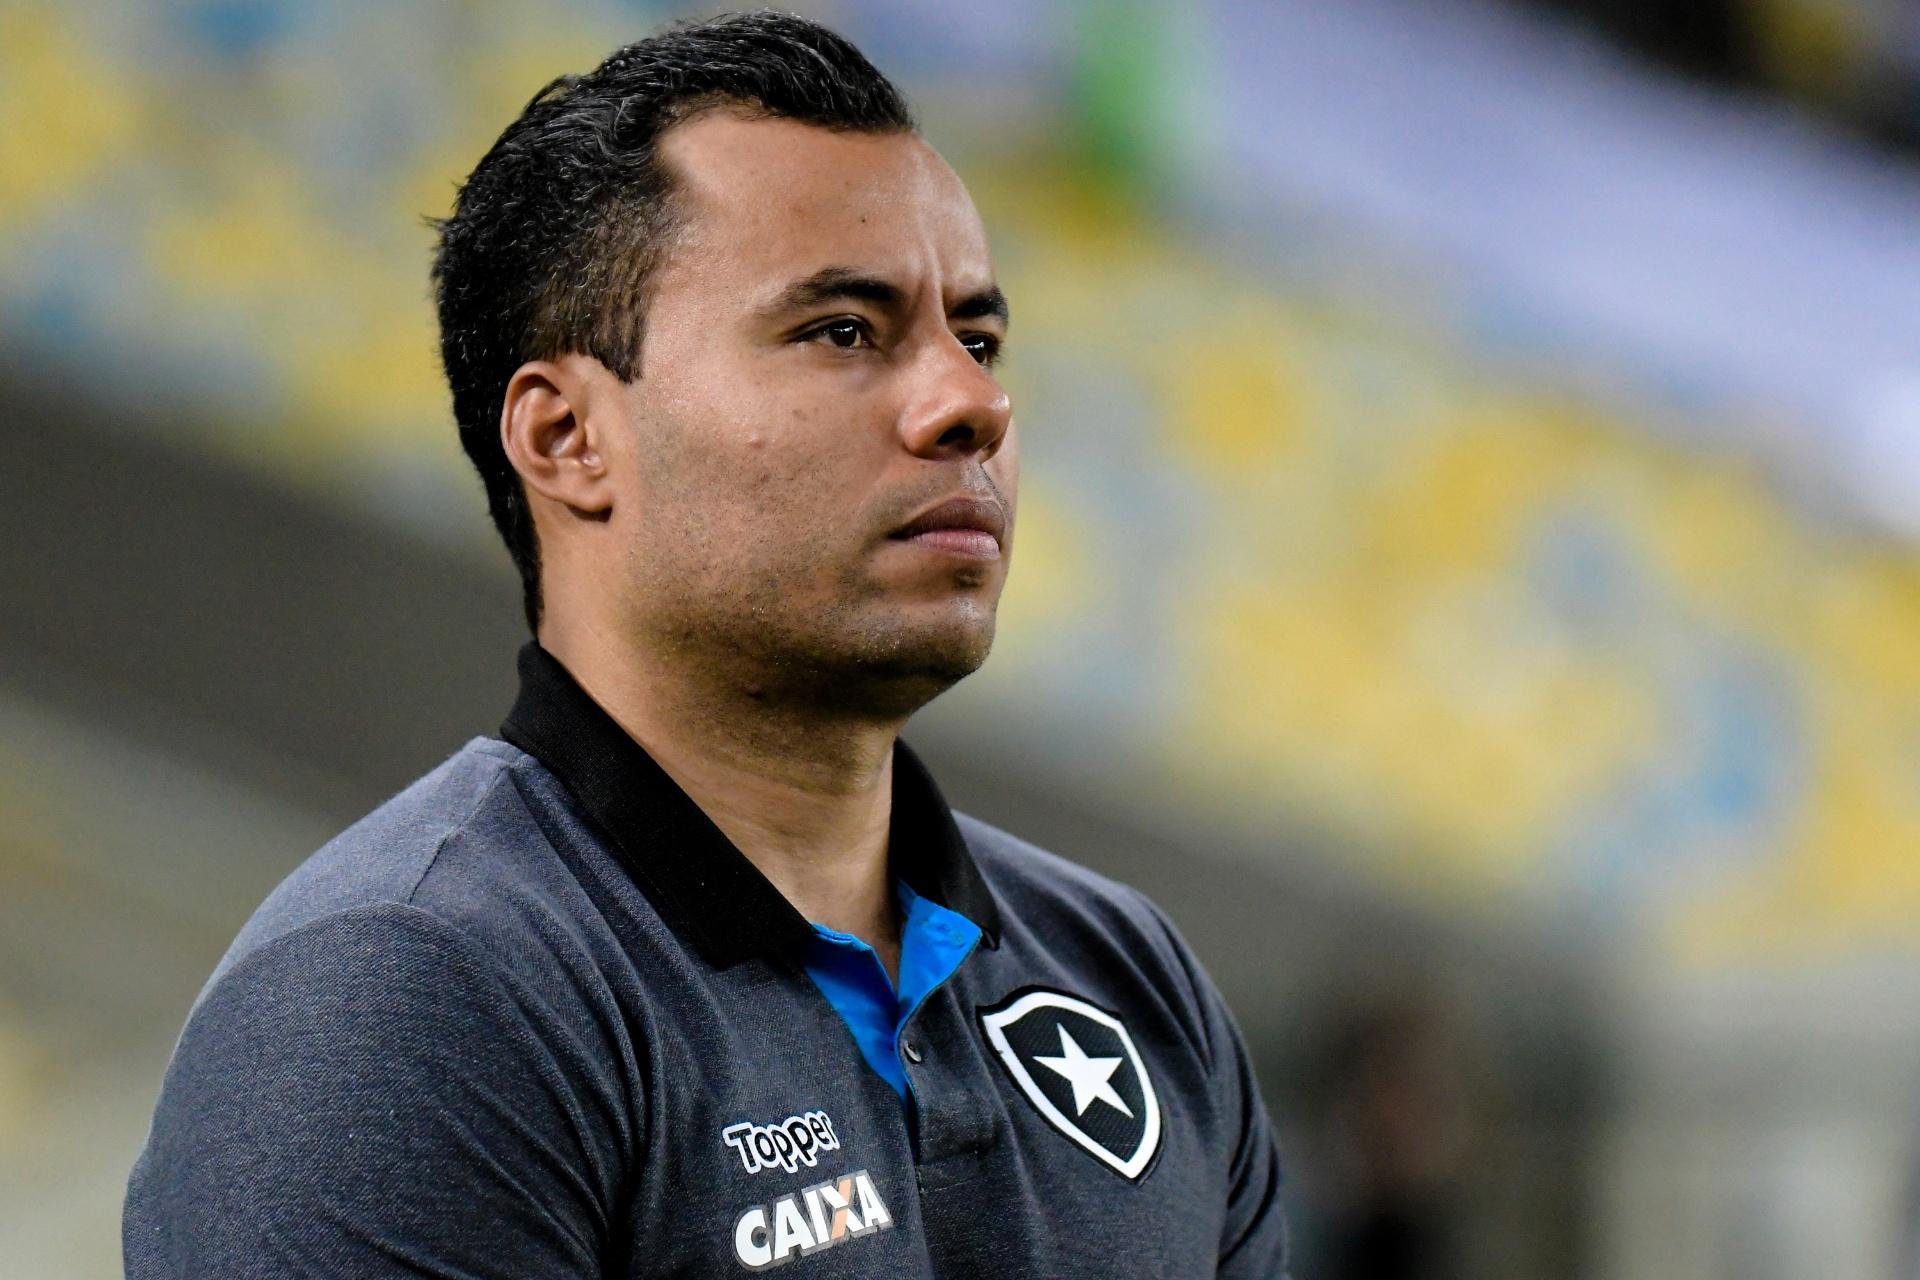 Presidente do Botafogo diz que Santos não o procurou por Jair Ventura -  Esporte - BOL aa422ddd9d4d0